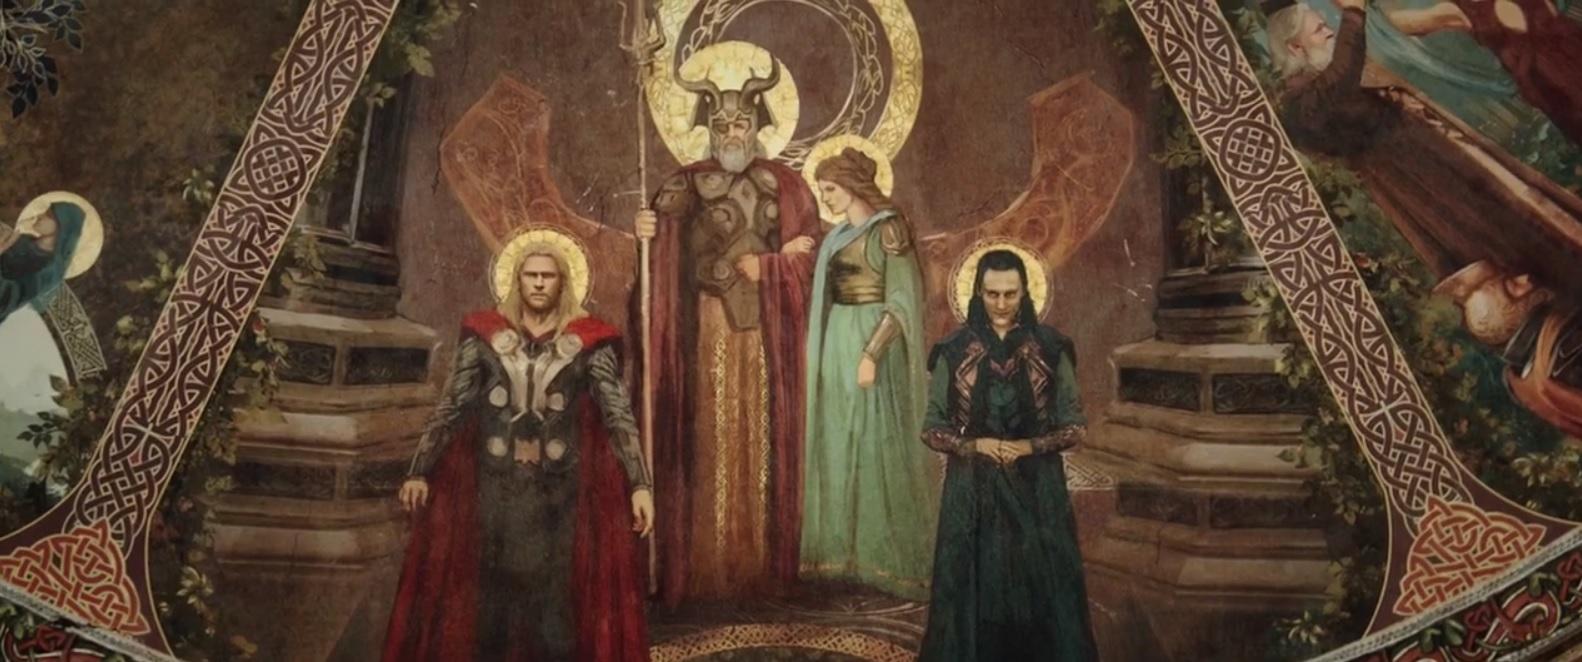 Королевская семья Асгарда